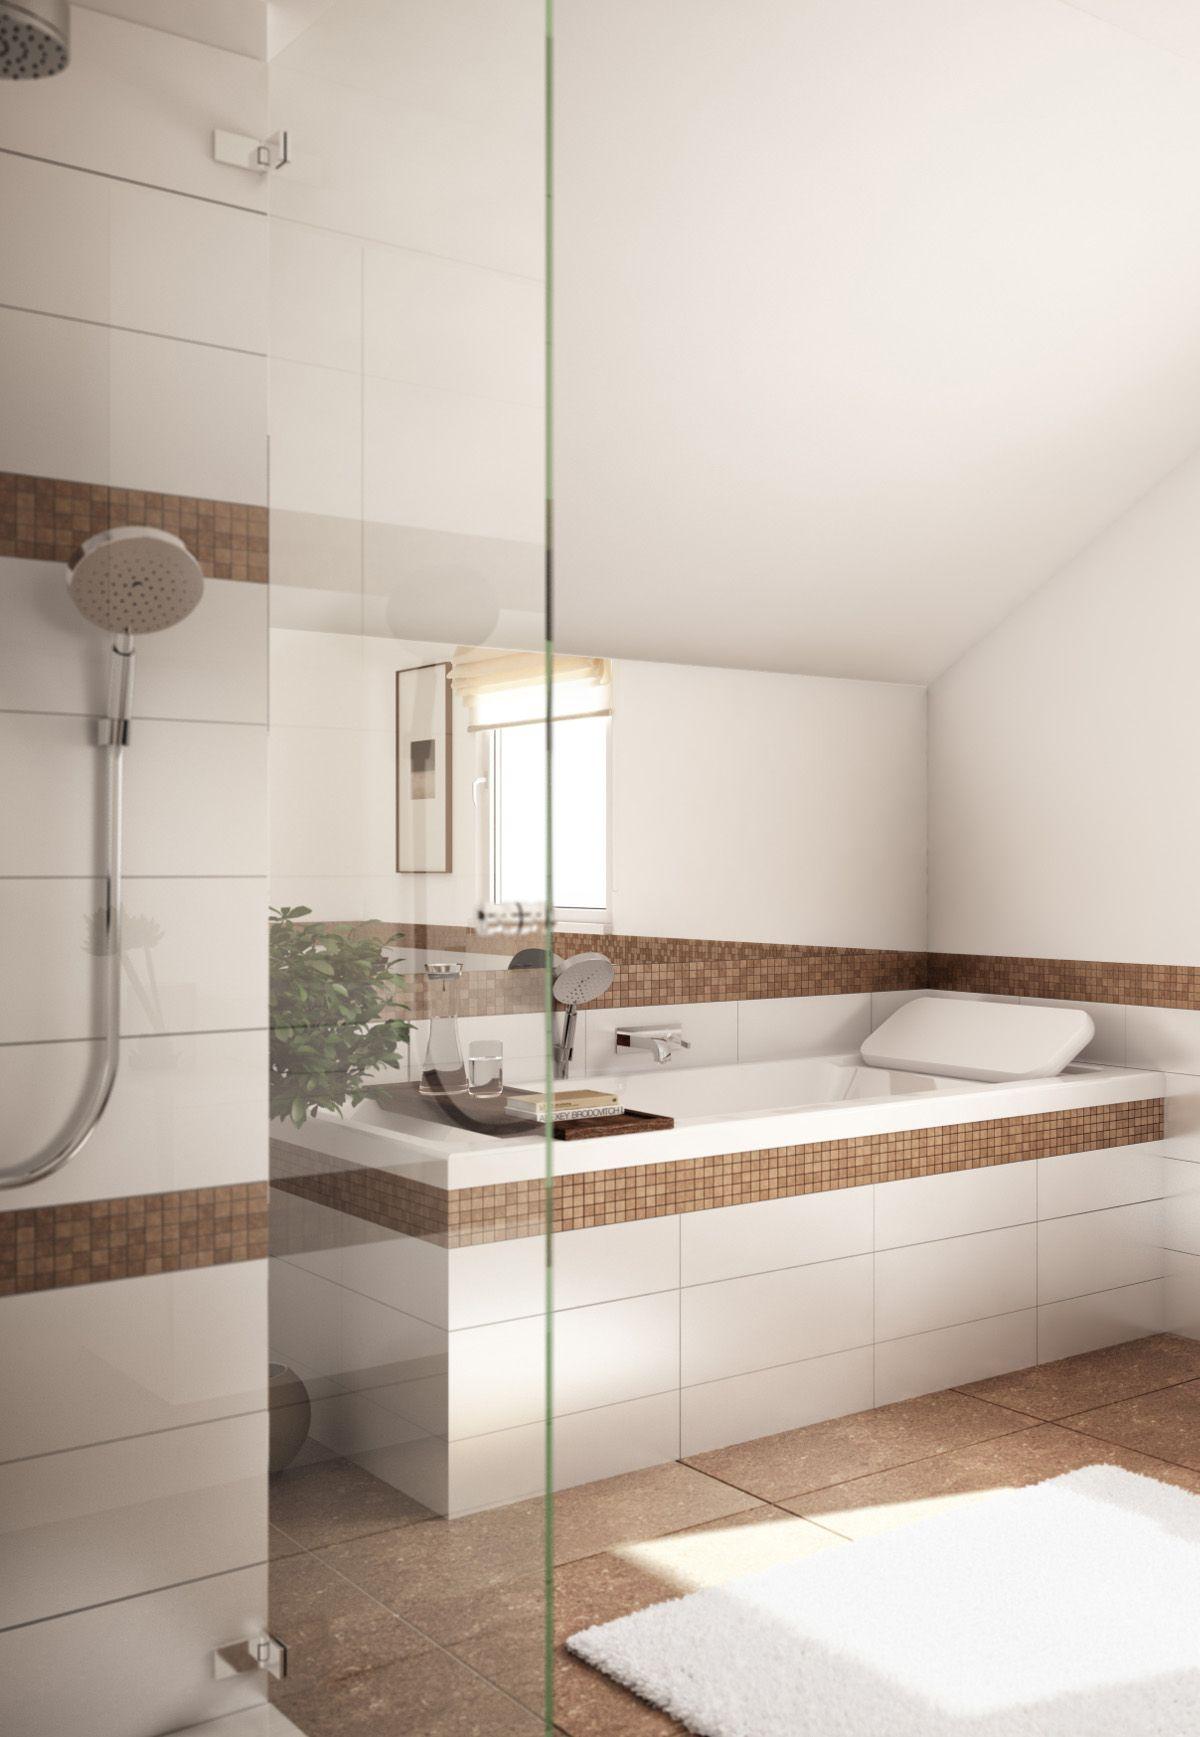 Ein Bad Zum Wohlfuhlen Mosaik Und Farbgebung Erzeugen Mediterrane Stimmung Bienzenker Badezimmer Bad Verwohnenu Badezimmerideen Badezimmer Badgestaltung